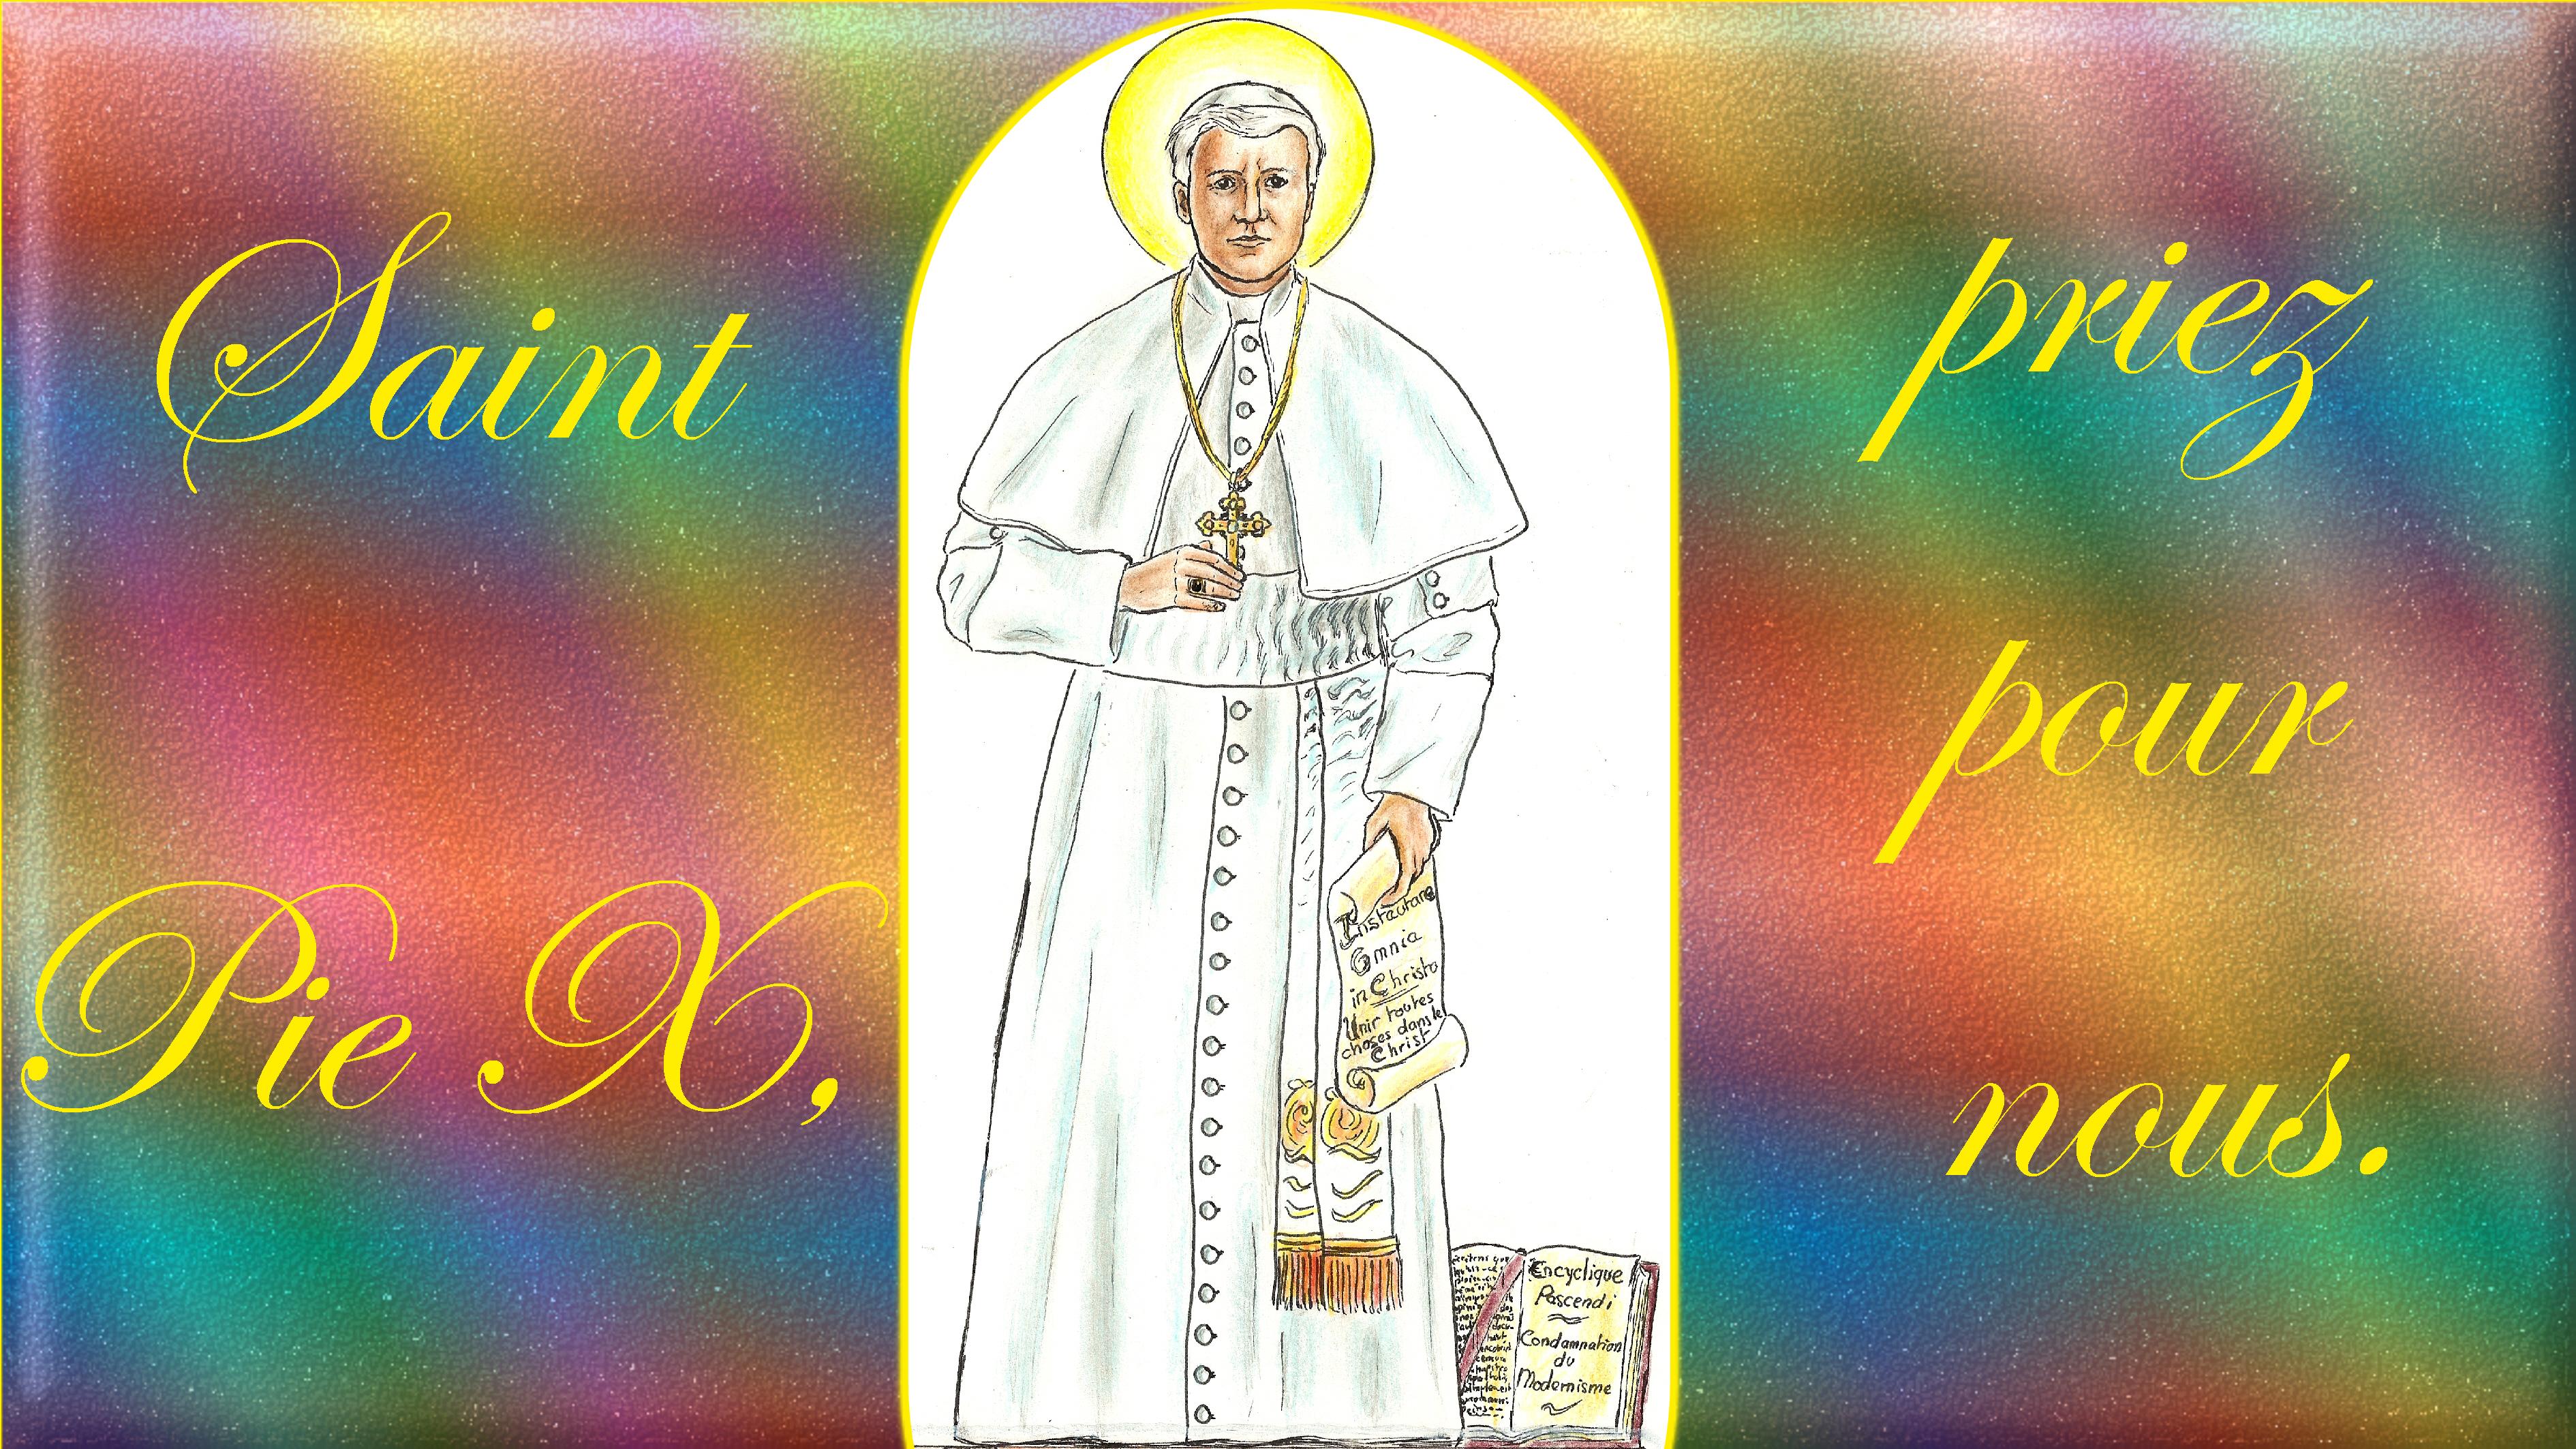 CALENDRIER CATHOLIQUE 2019 (Cantiques, Prières & Images) - Page 8 St-pie-x-55ac5ec